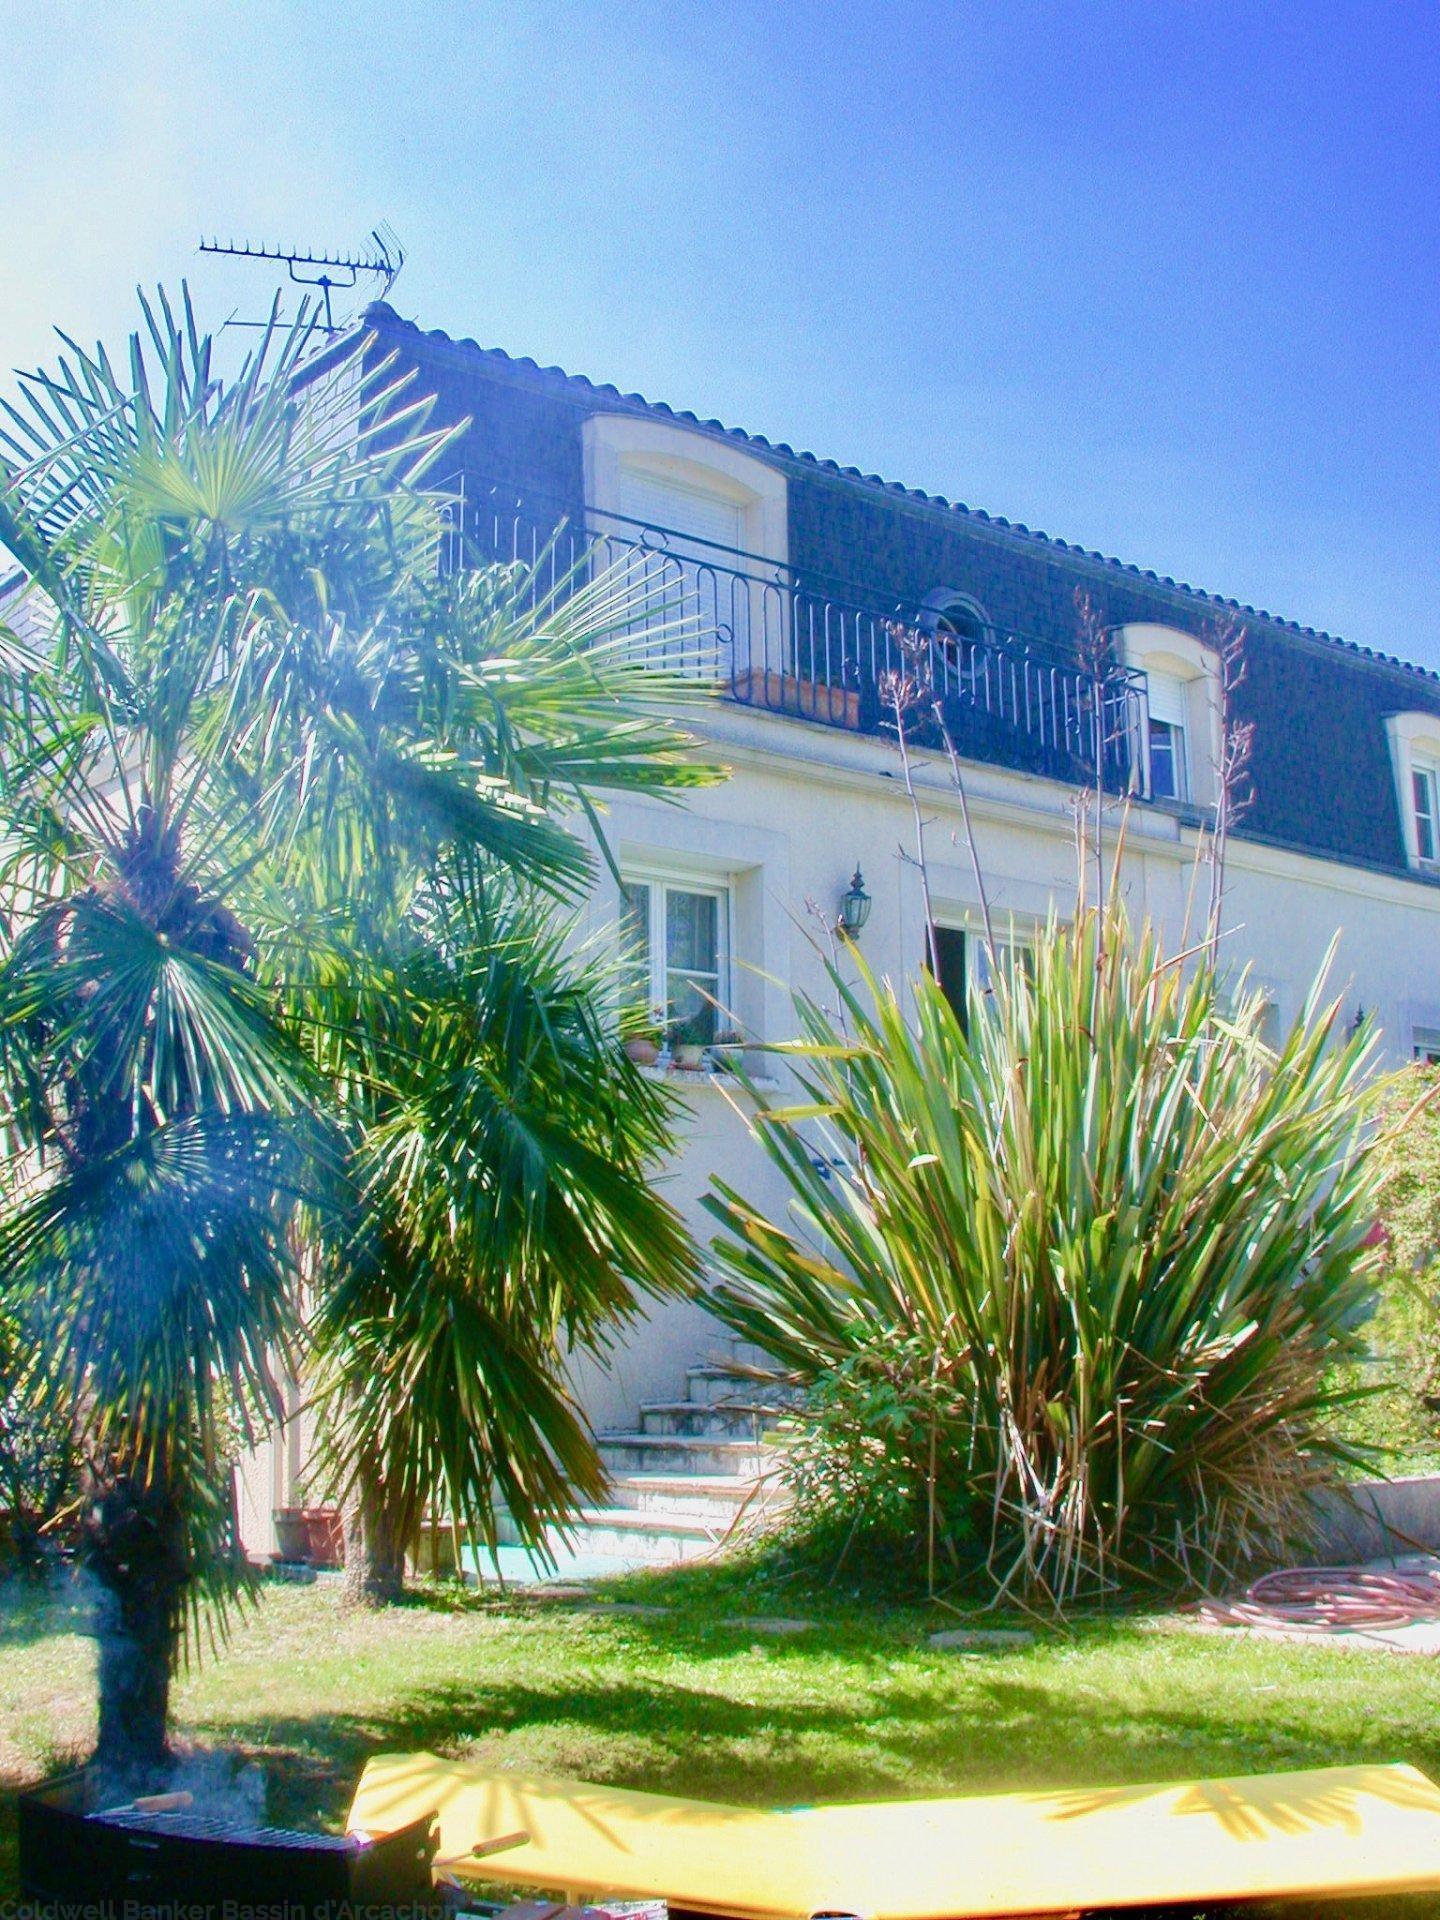 Recherche maison bourgeoise avec jardin et piscine bordeaux saint augustin